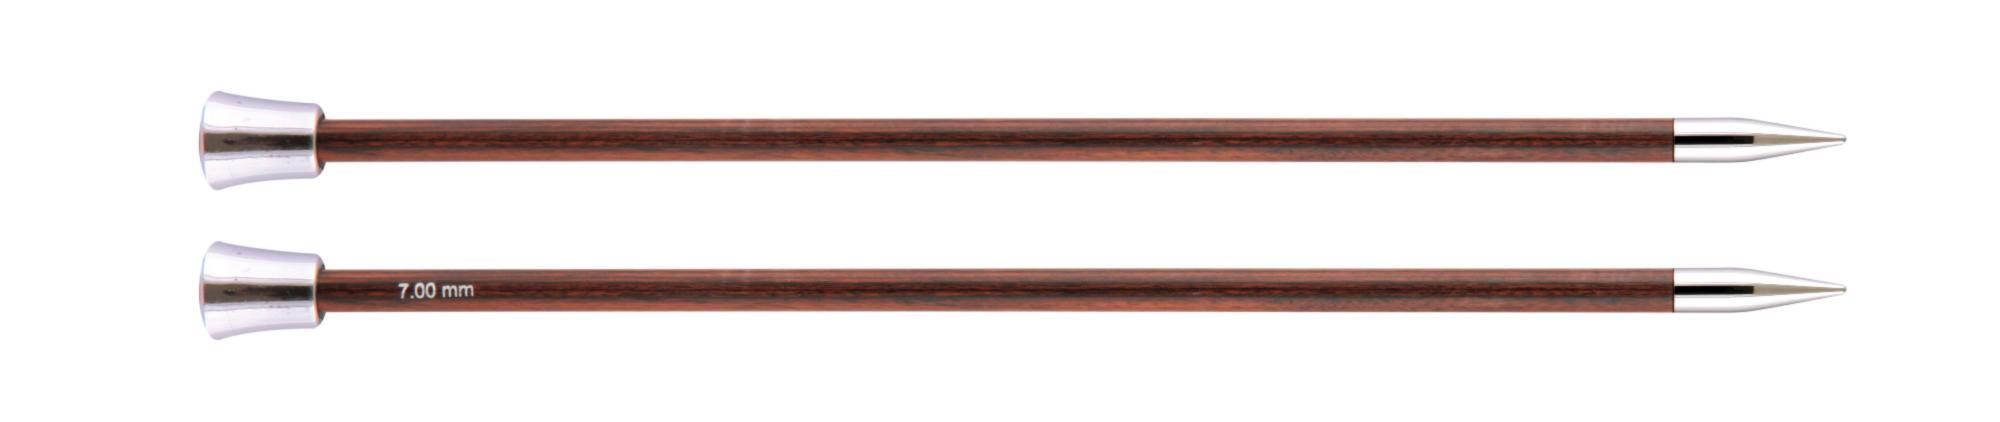 Спицы прямые 40 см Royale KnitPro, 29241, 7.00 мм